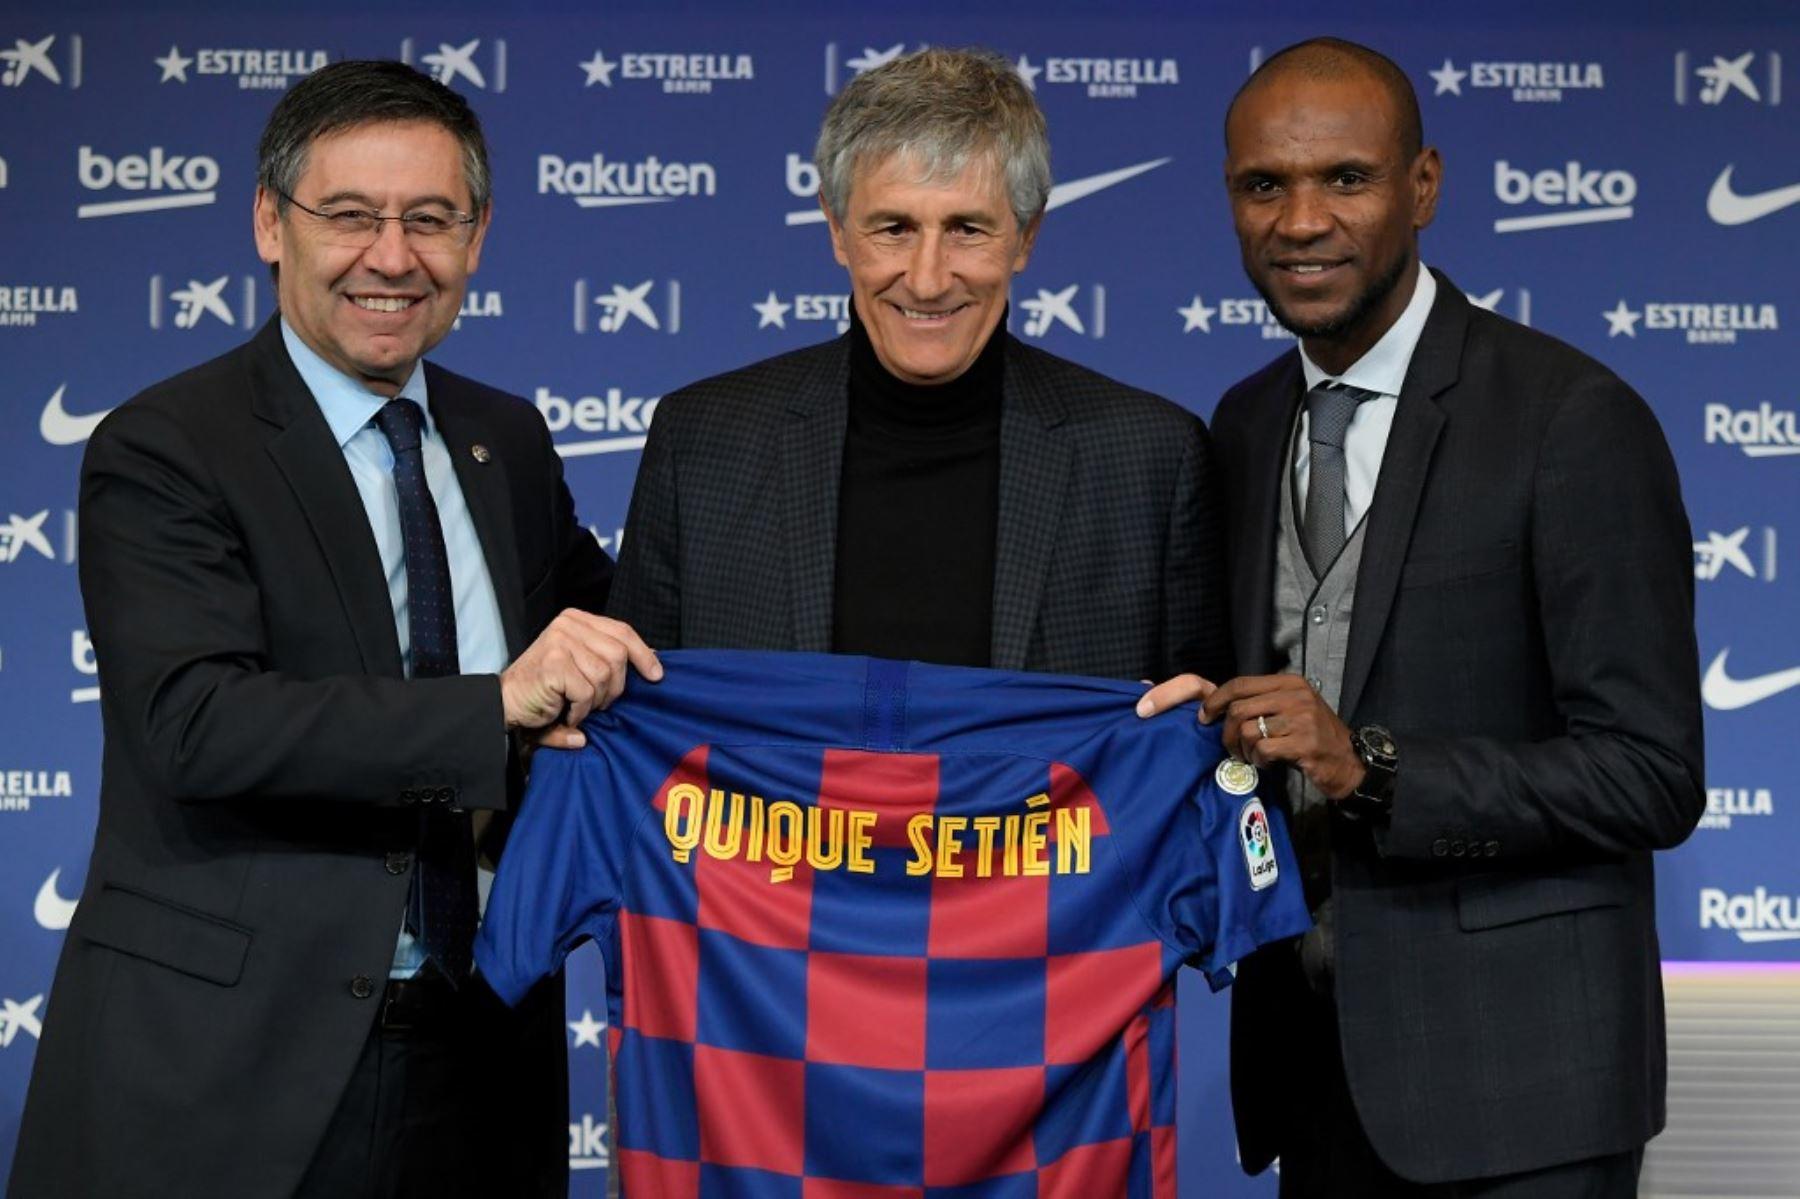 Quique Setién fue presentado como técnico del Barcelona de España.